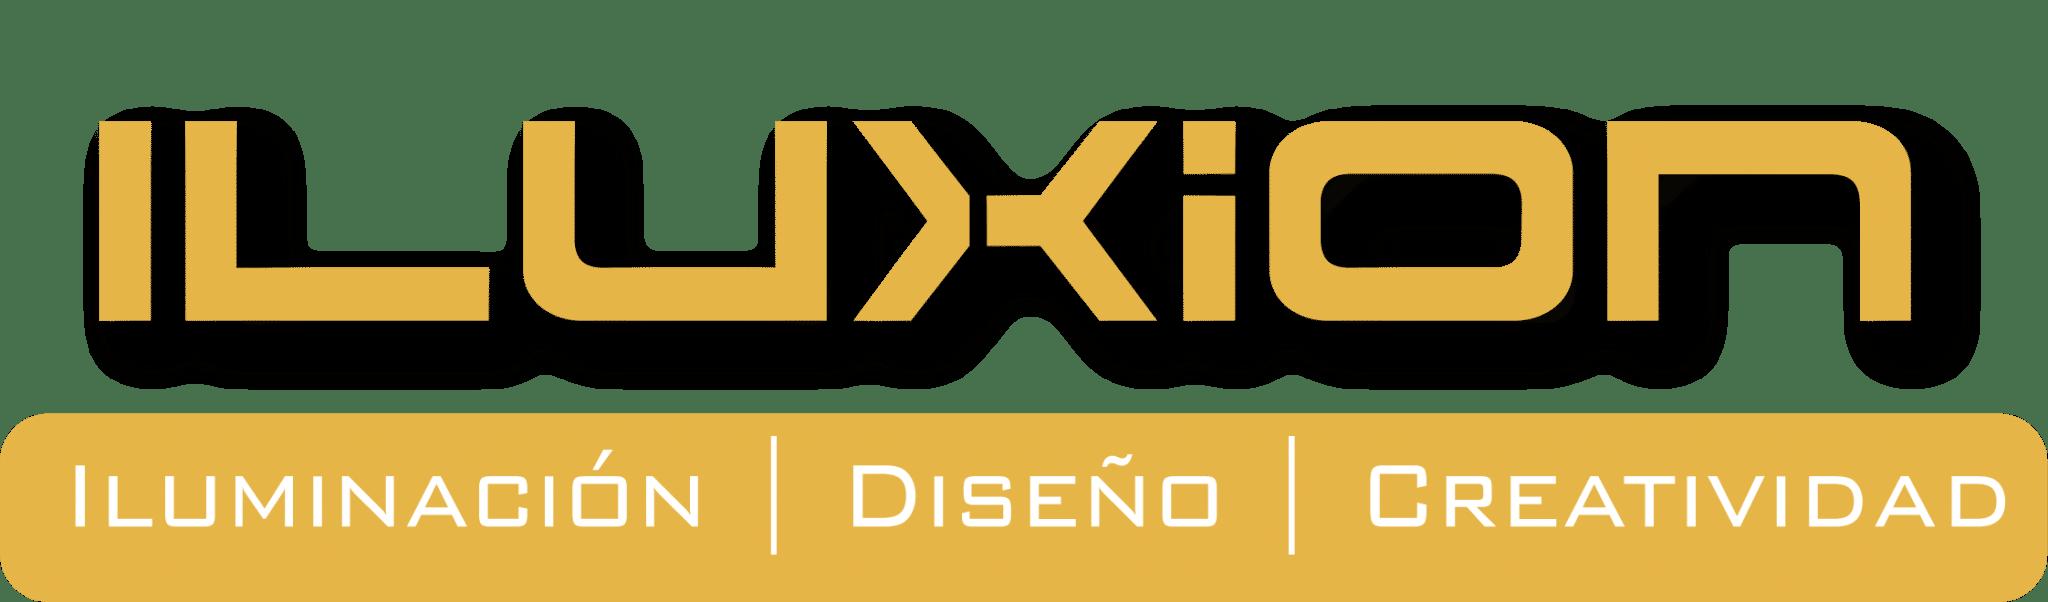 Iluxion Diseño-Creatividad Sin fondo